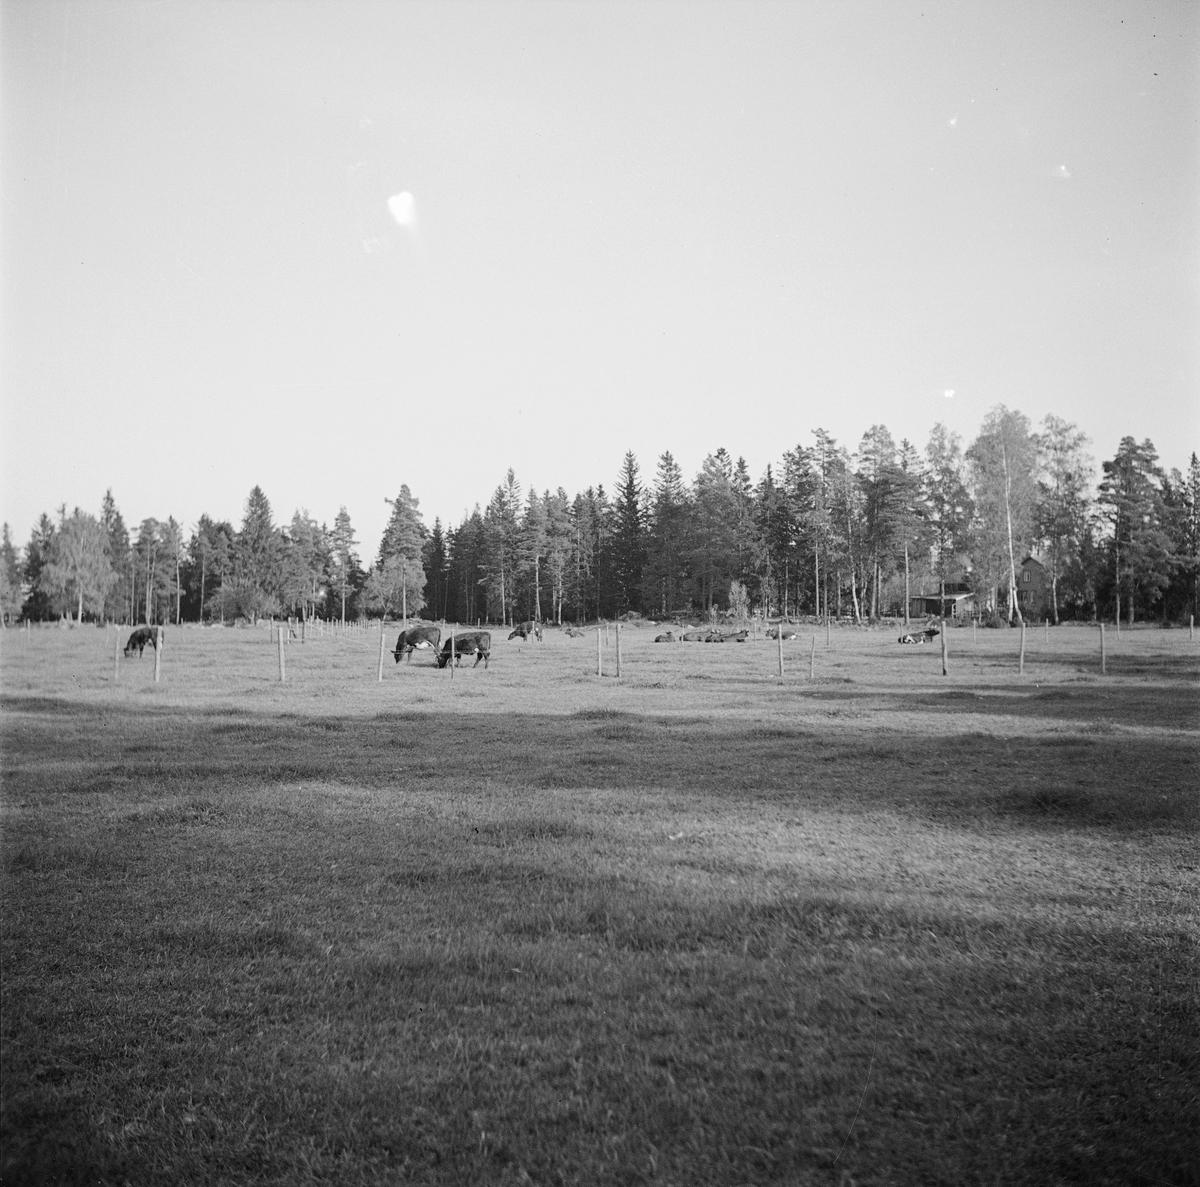 Kor på bete, sannolikt Uppland 1937